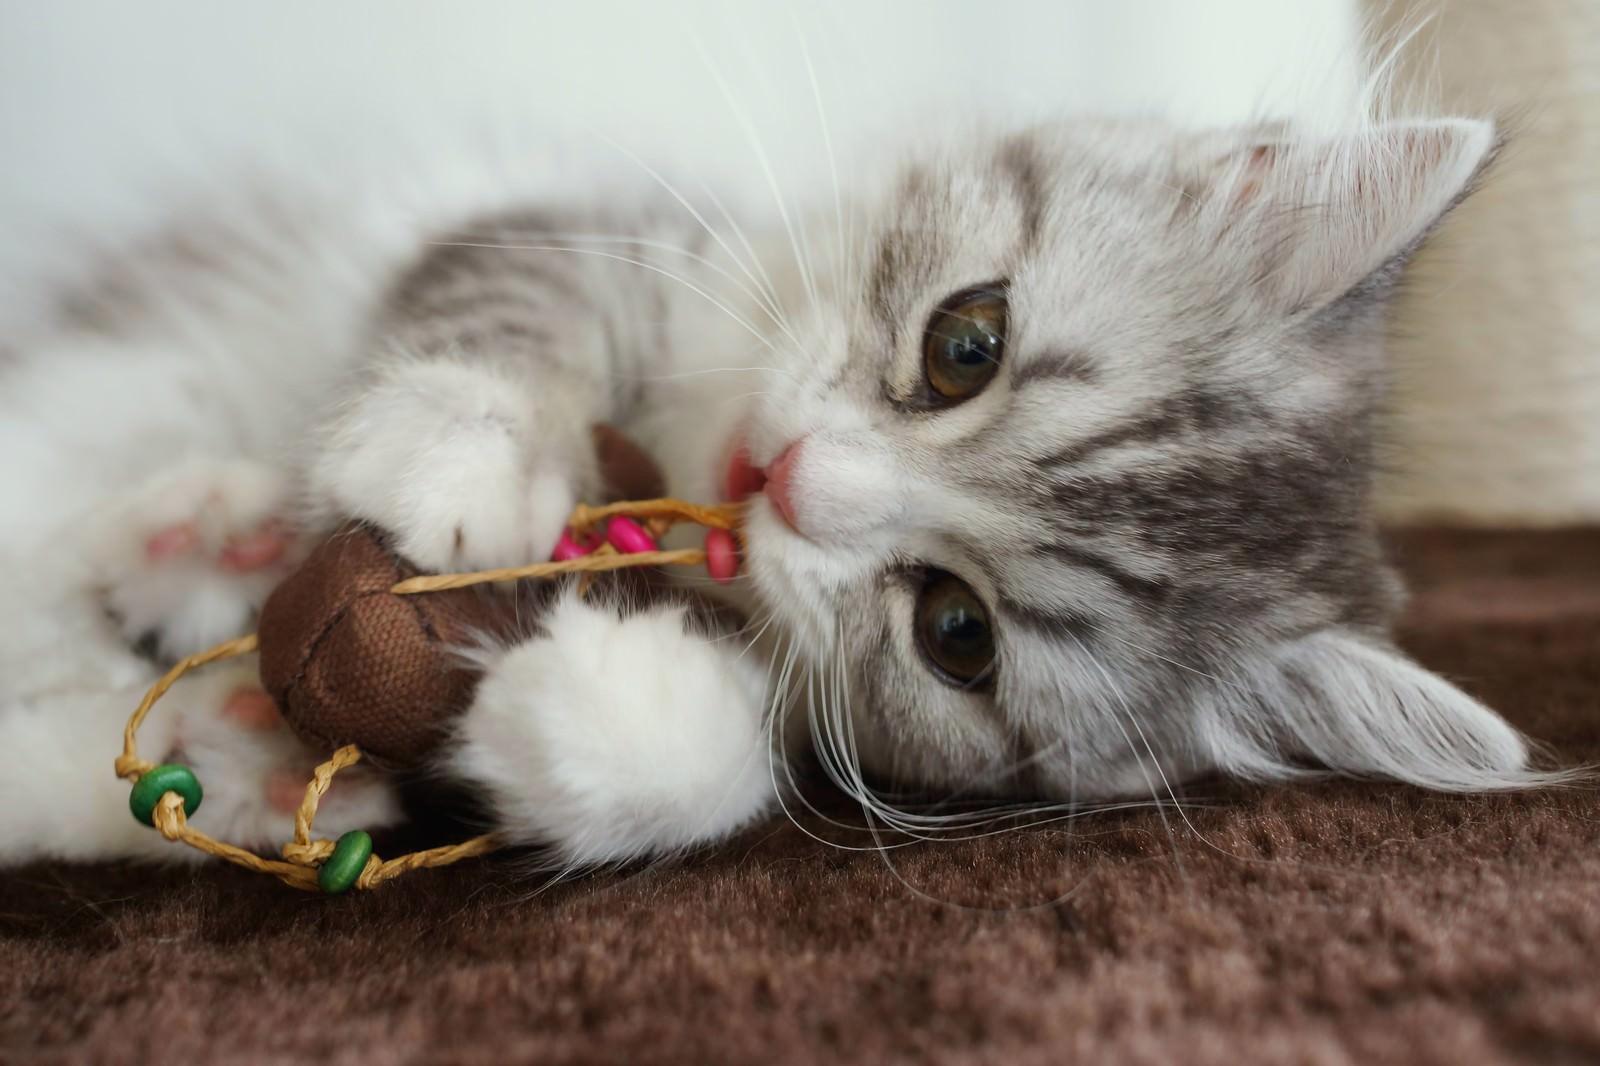 「ねずみのおもちゃとじゃれているメス猫(スコティッシュフォールド)ねずみのおもちゃとじゃれているメス猫(スコティッシュフォールド)」のフリー写真素材を拡大